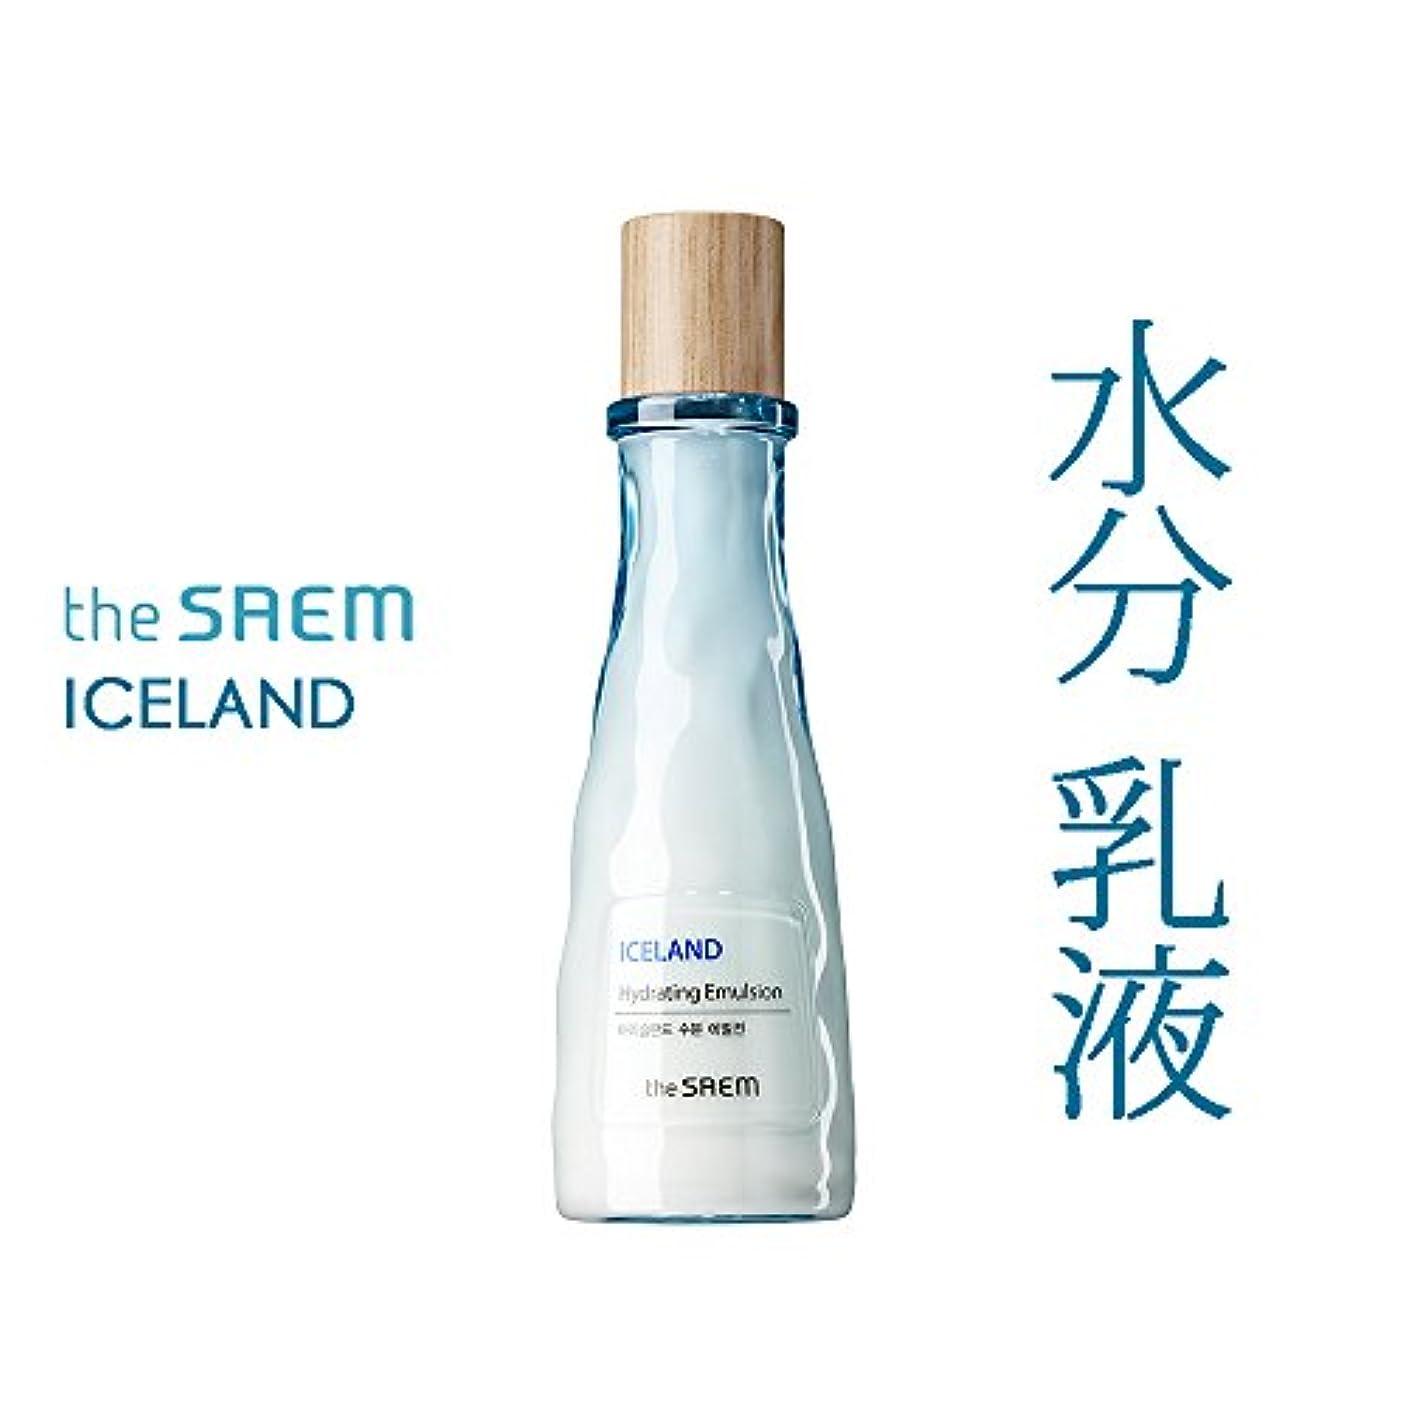 習慣霜荒涼としたザ セム The saem アイスランド 水分 乳液 The Saem Iceland Hydrating E mulsion 140ml